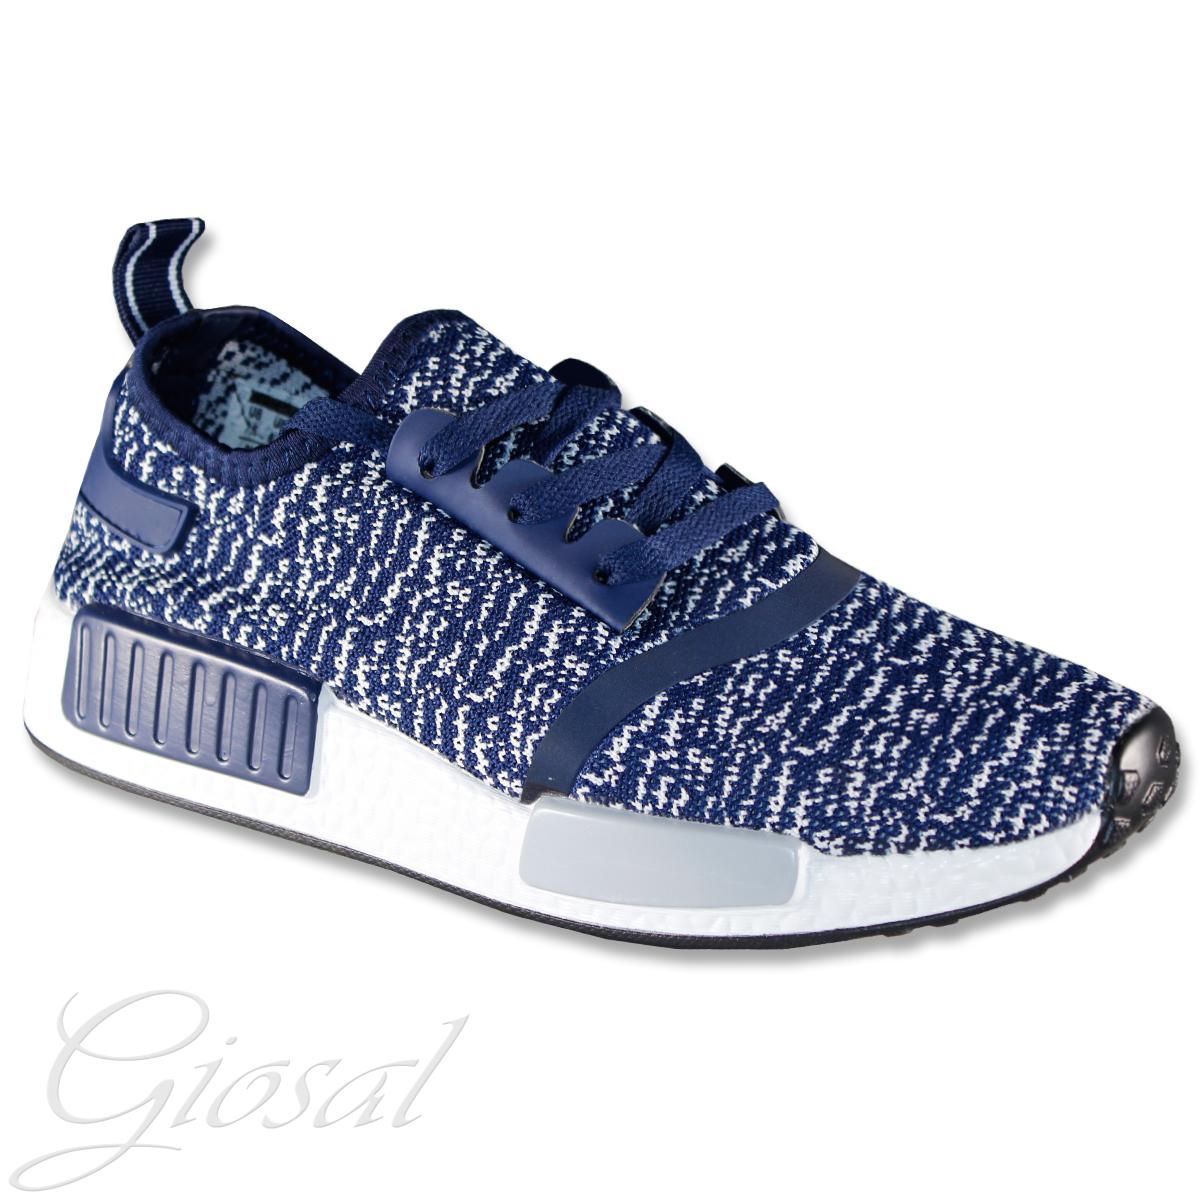 Dettagli su Scarpe Uomo Casual Sneakers Sportive Corsa Calzature Blu Lacci  GIOSAL 950ccdb8d77